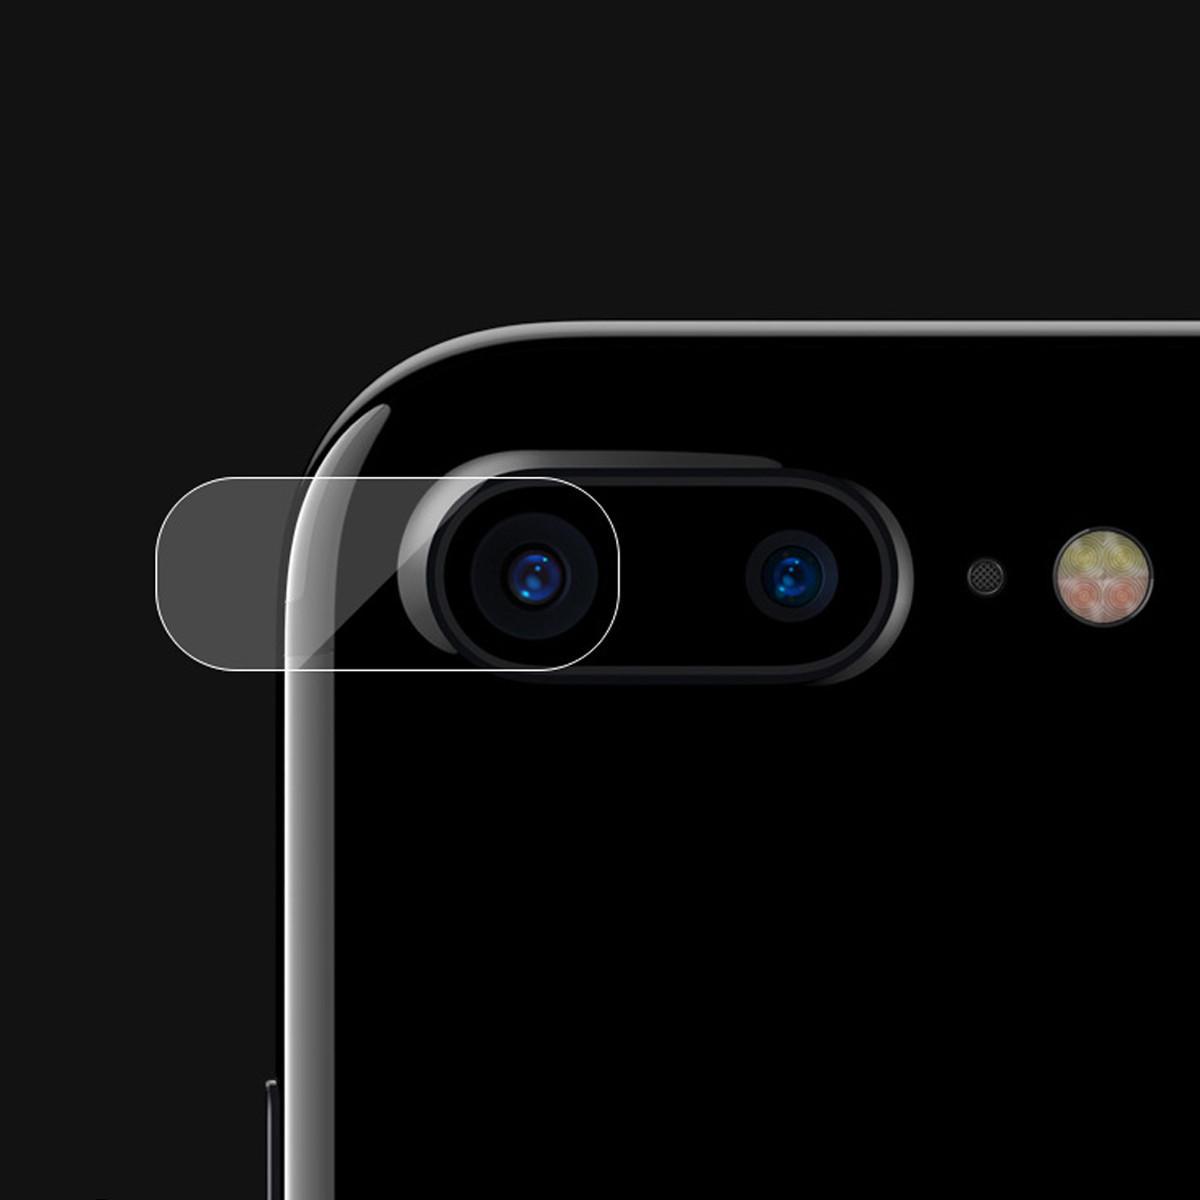 Herdet glass tilbake bak kameralinsen Deksel filmbeskytter for Apple iPhone 7/7 Plus